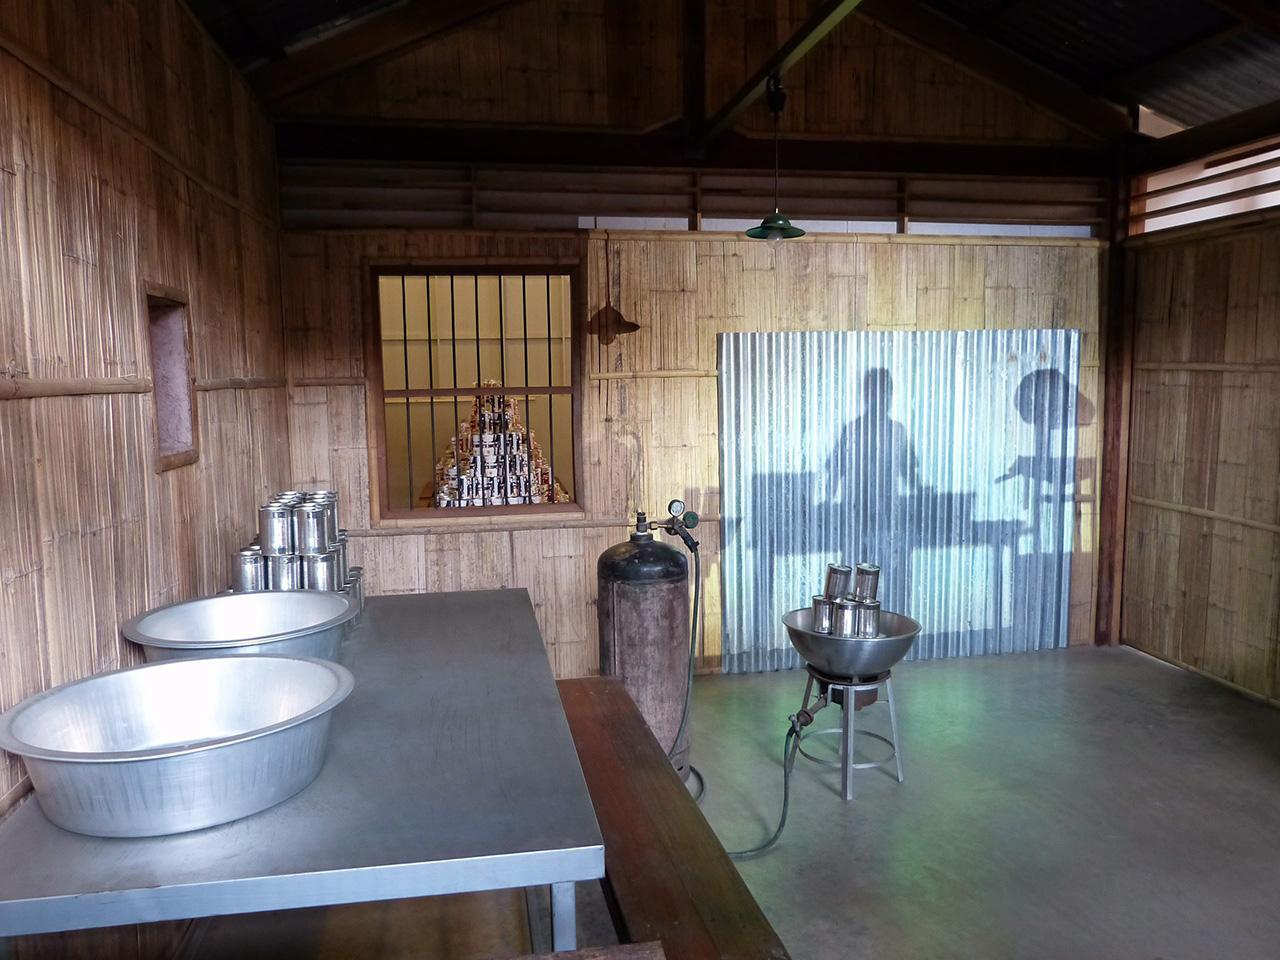 ส่วนแสดงกระบวนการผลิตผลไม้กระป๋อง.